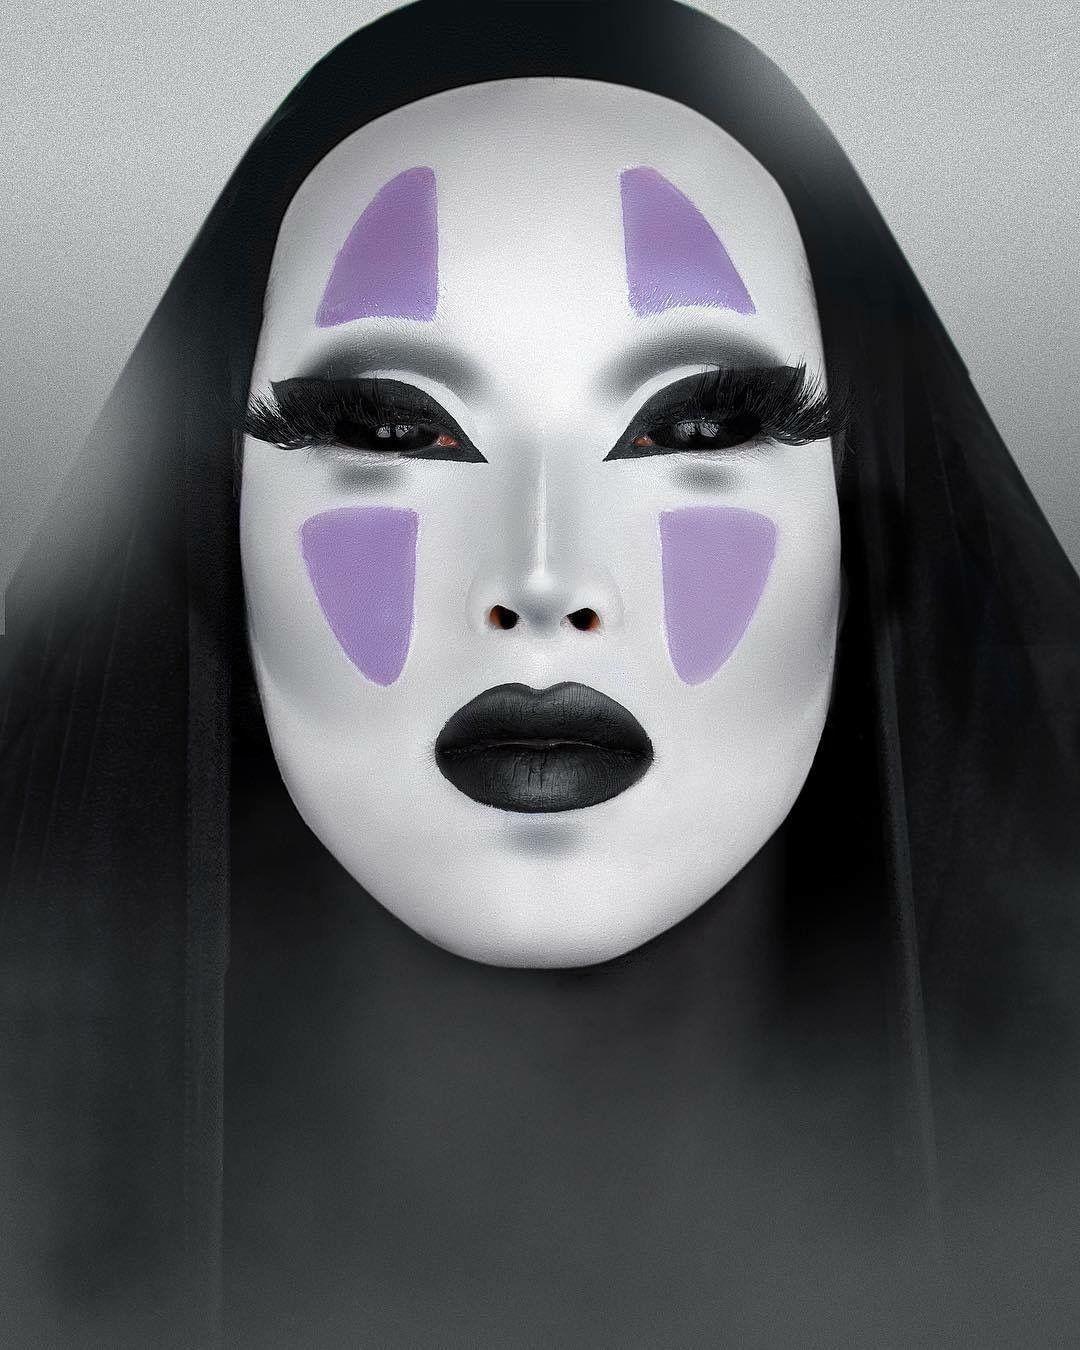 No Face Spirited Away Makeup Makeup Fantasy Makeup Halloween Costumes Makeup